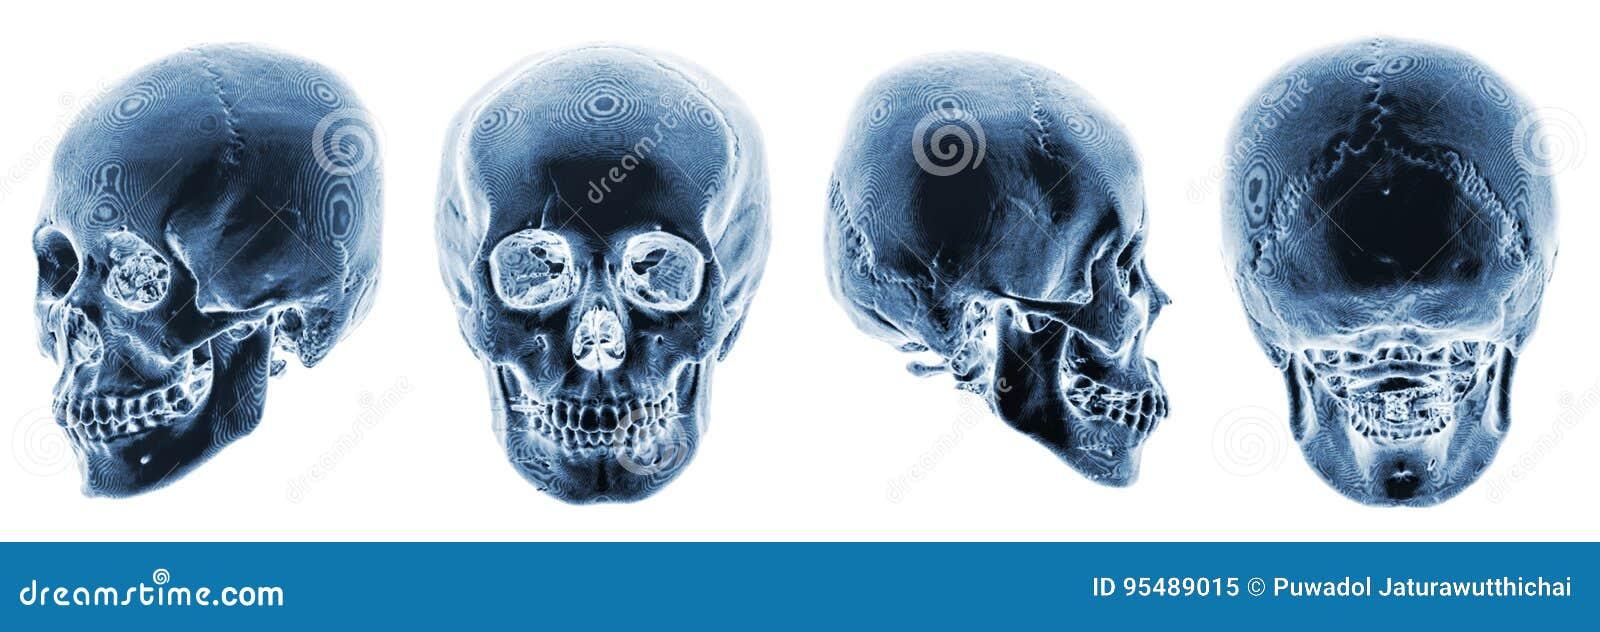 Exploración De 3D CT Del Cráneo Humano Visión Múltiple Estilo ...